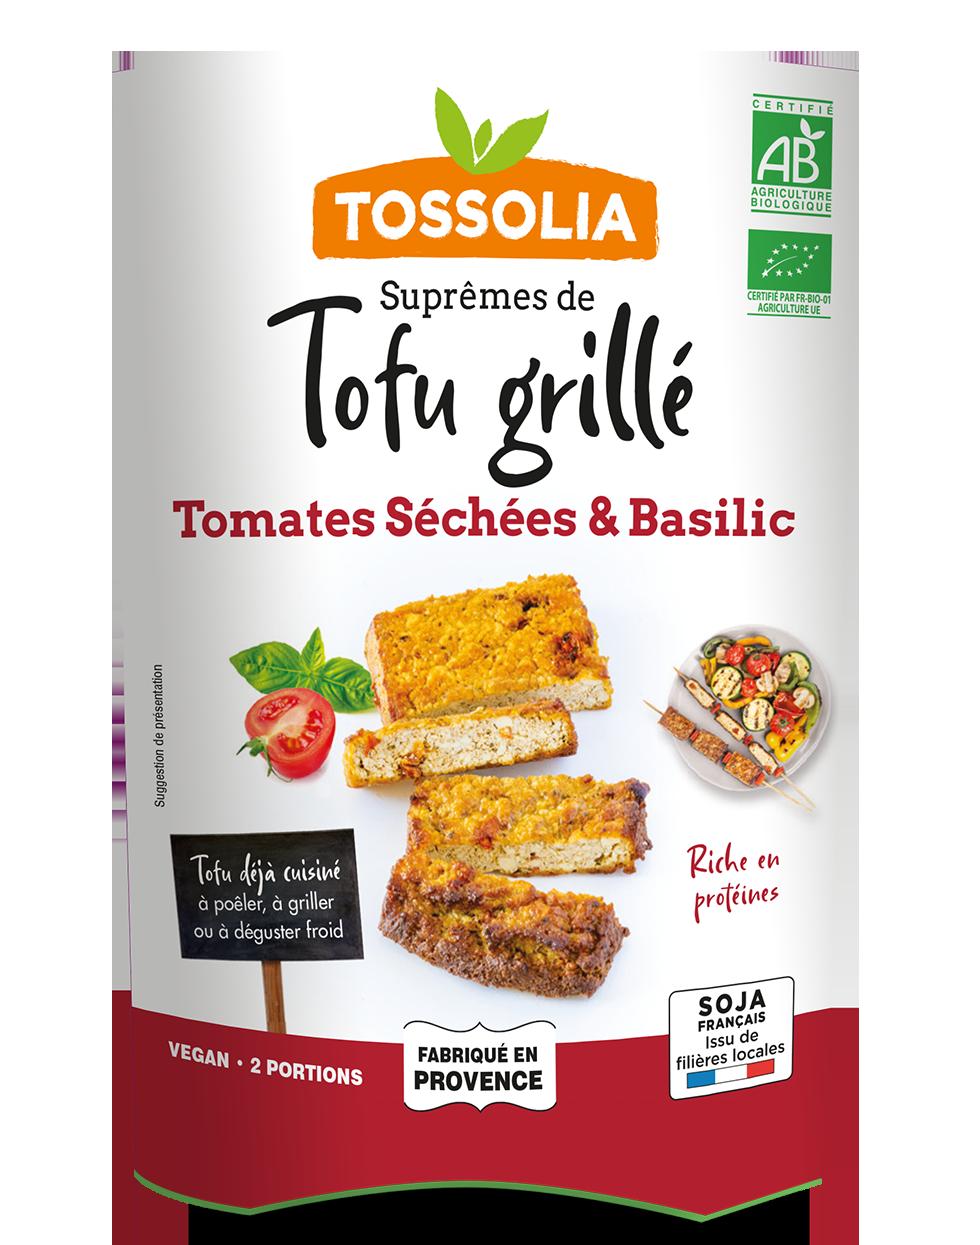 Suprêmes de Tofu Grillé tomates séchées & basilic